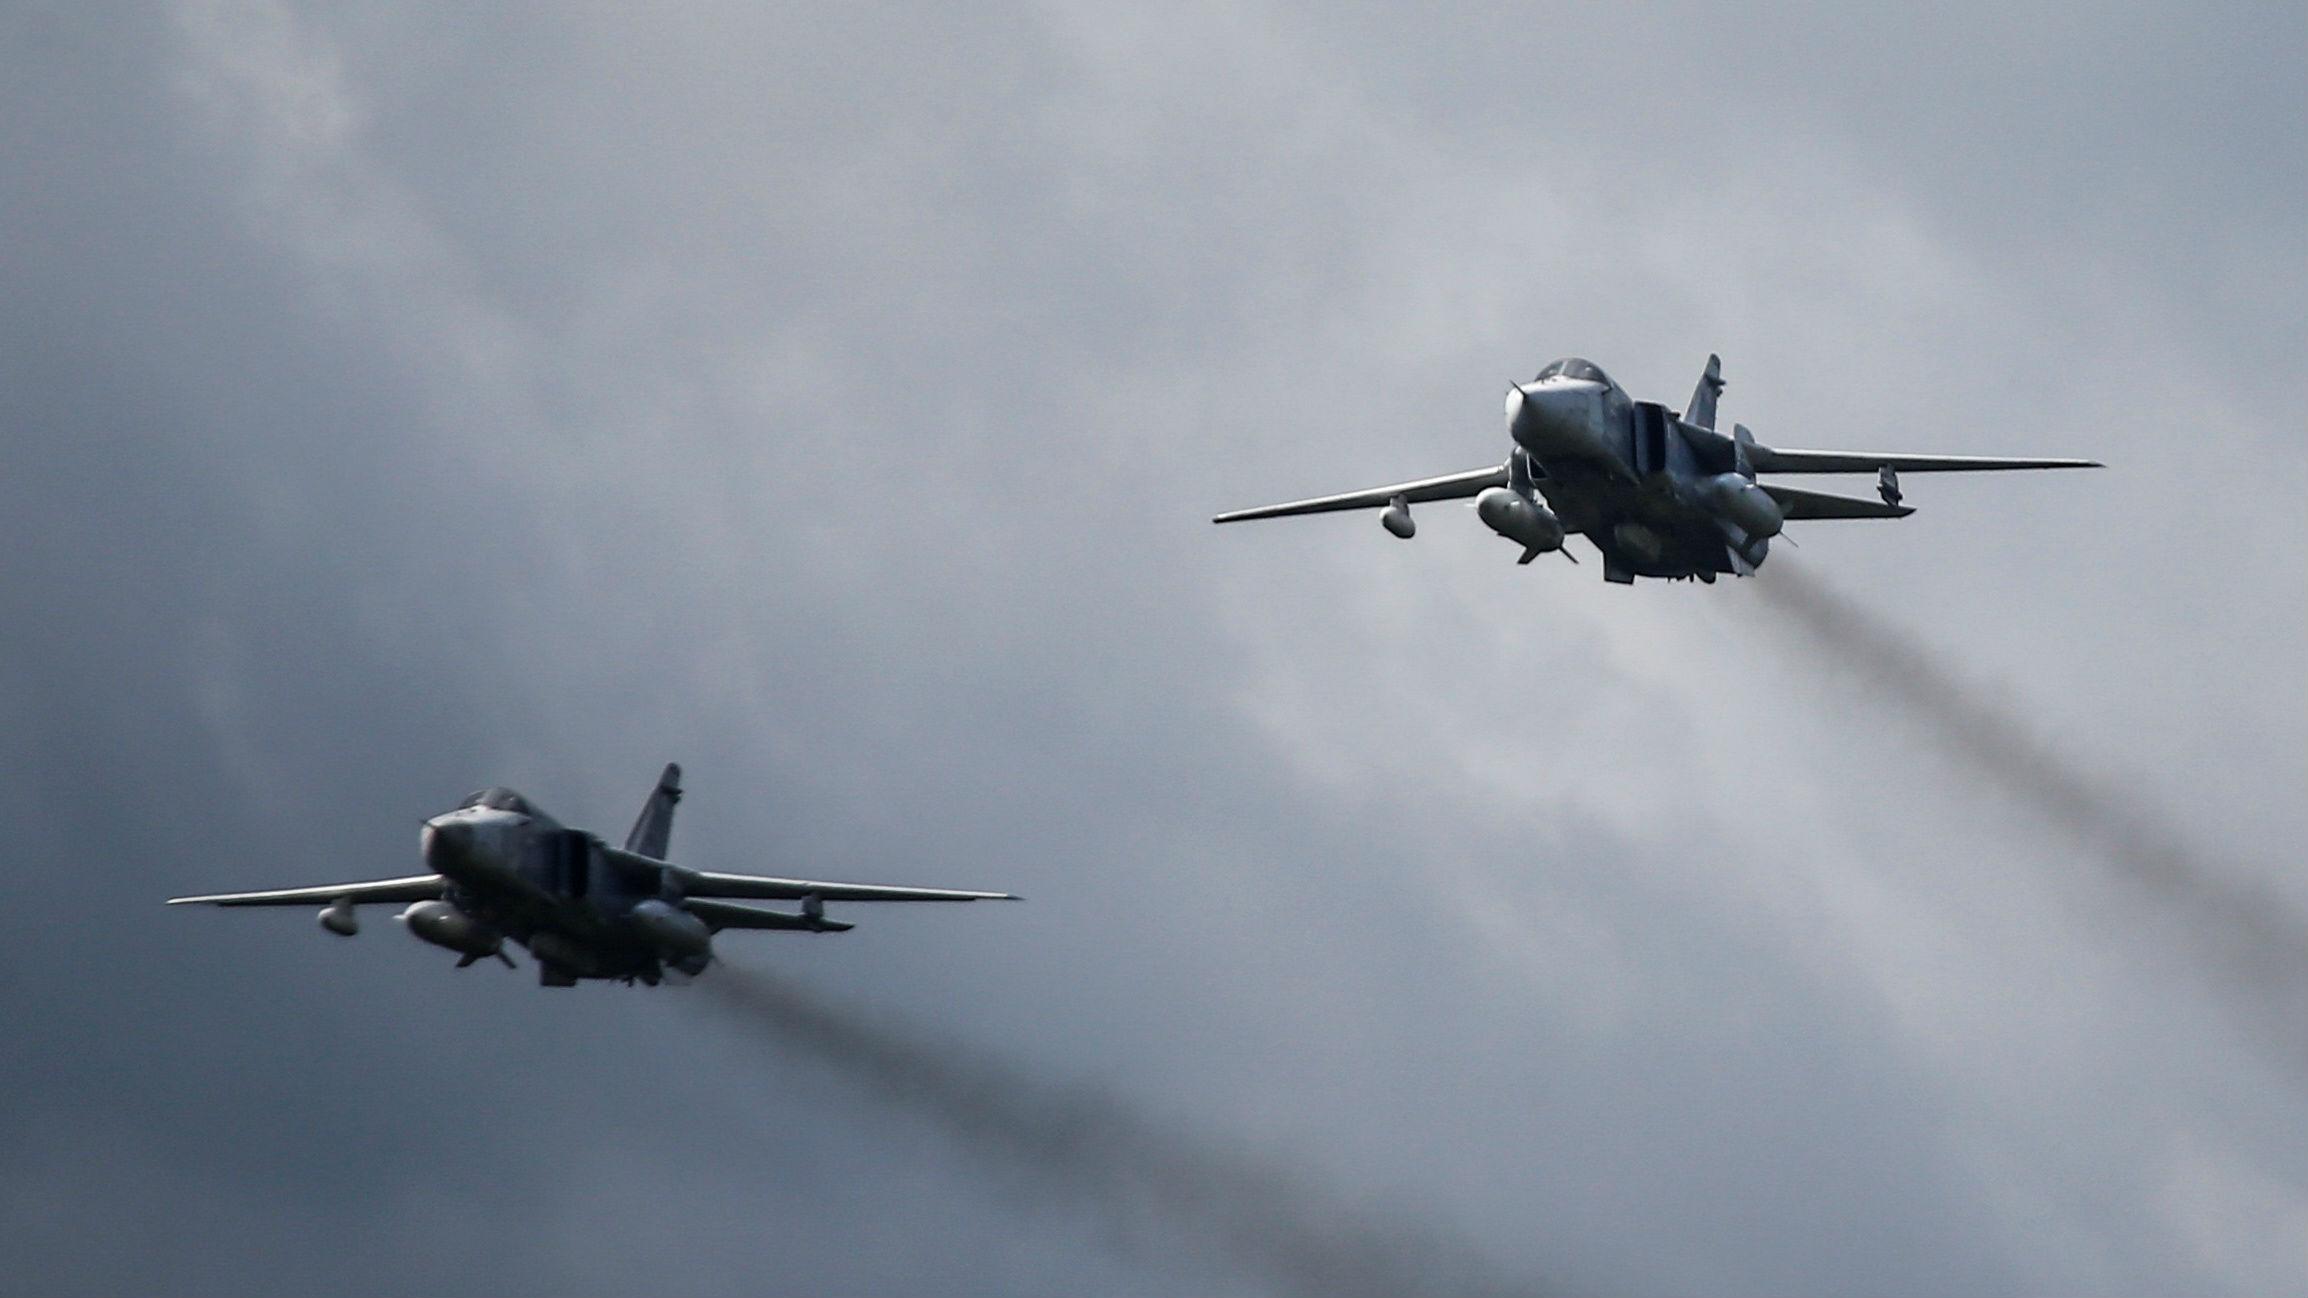 تركيا تسقط طـائرات للأسـد بالجــملة 1